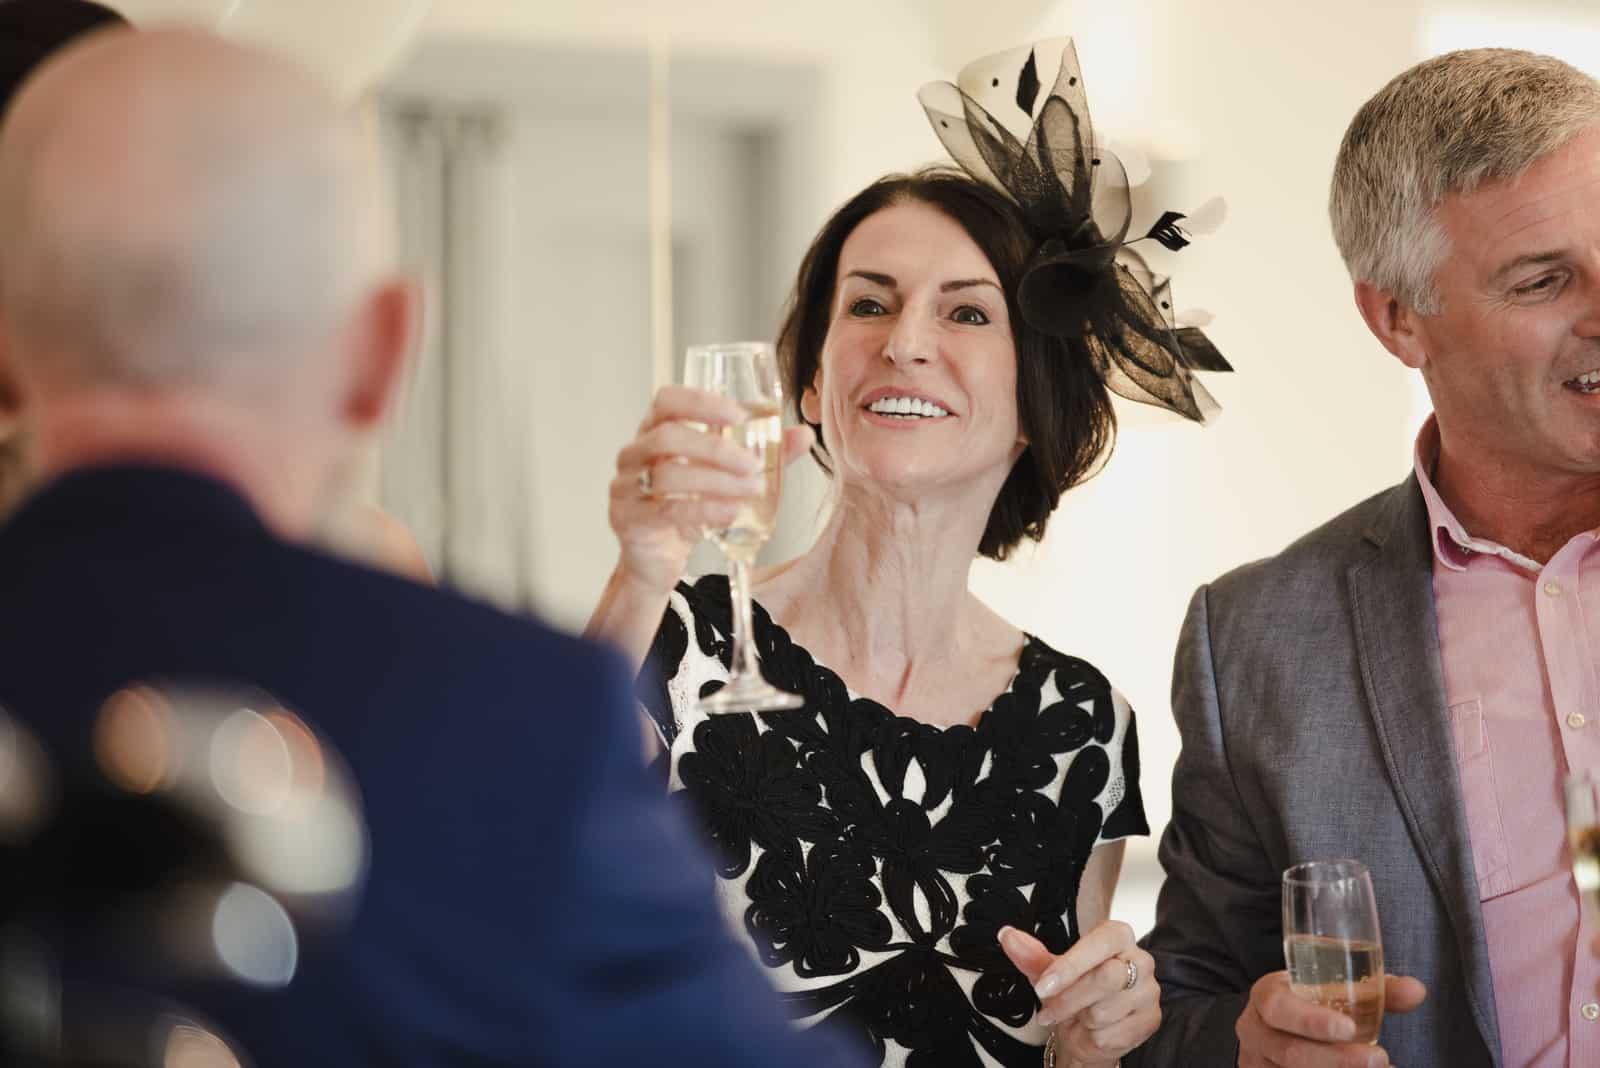 Die Eltern der Braut stoßen an ihrem Hochzeitstag auf ihre Tochter und ihren Schwiegersohn an